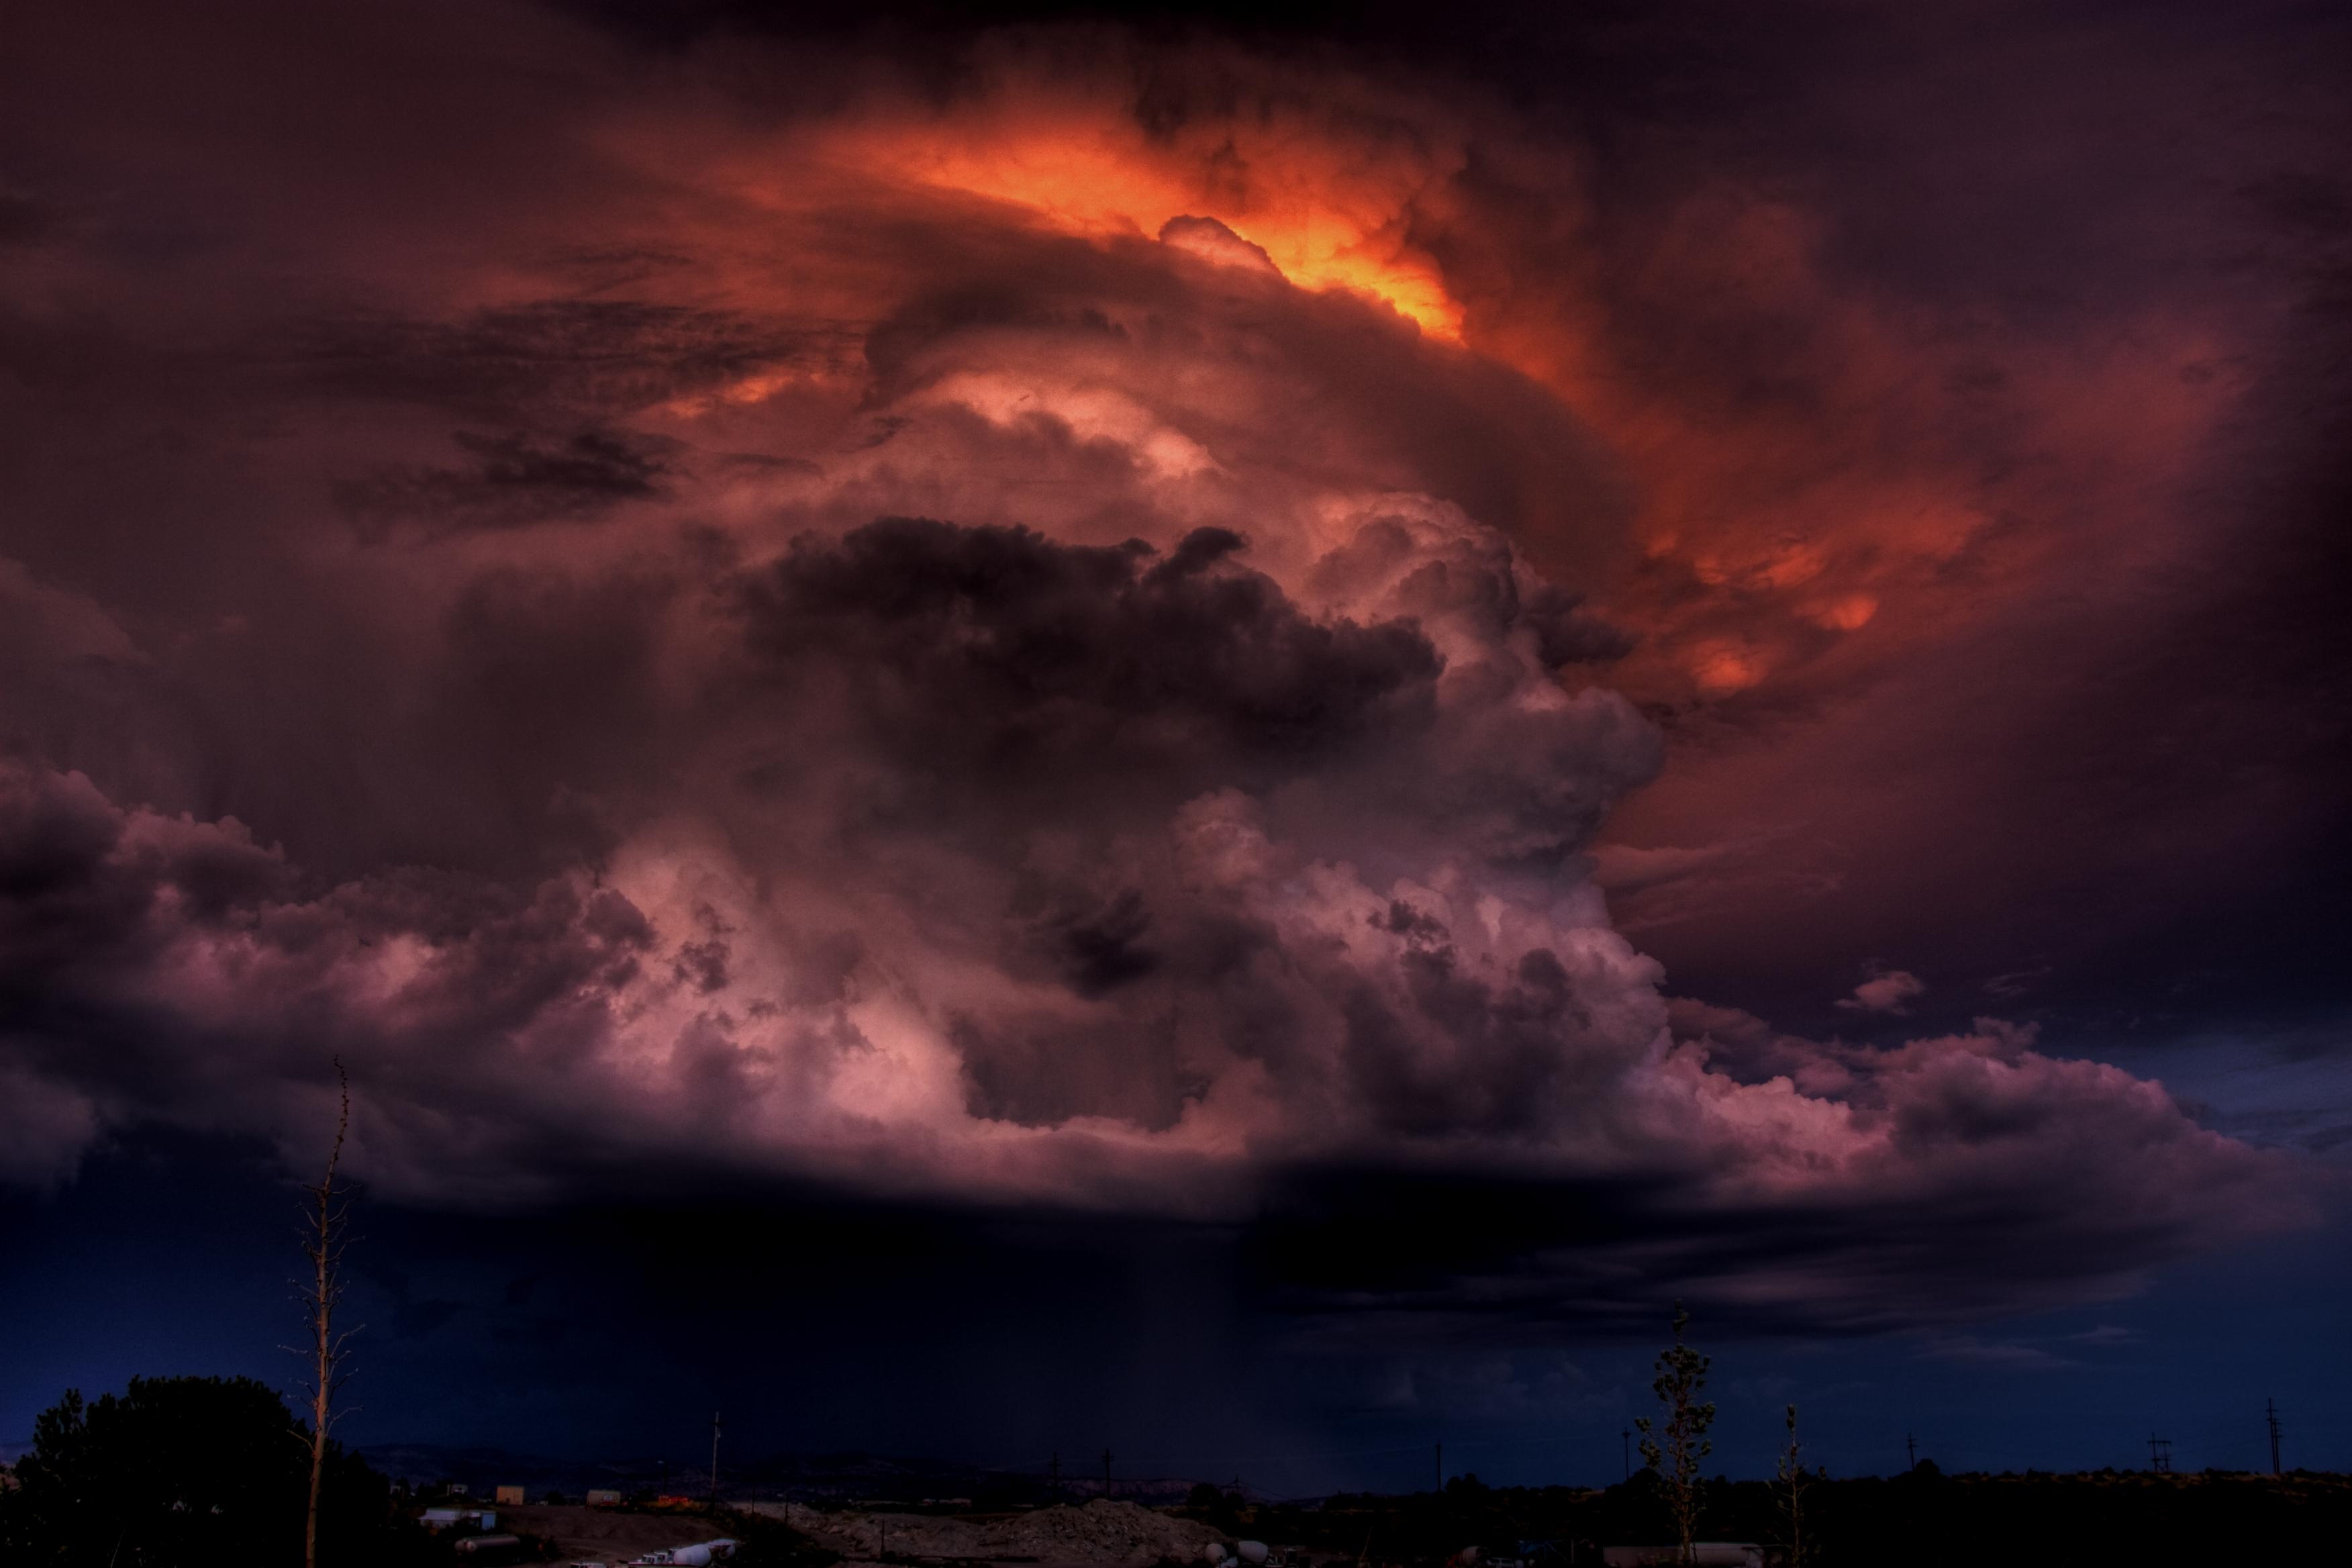 того картинка злые небеса таких